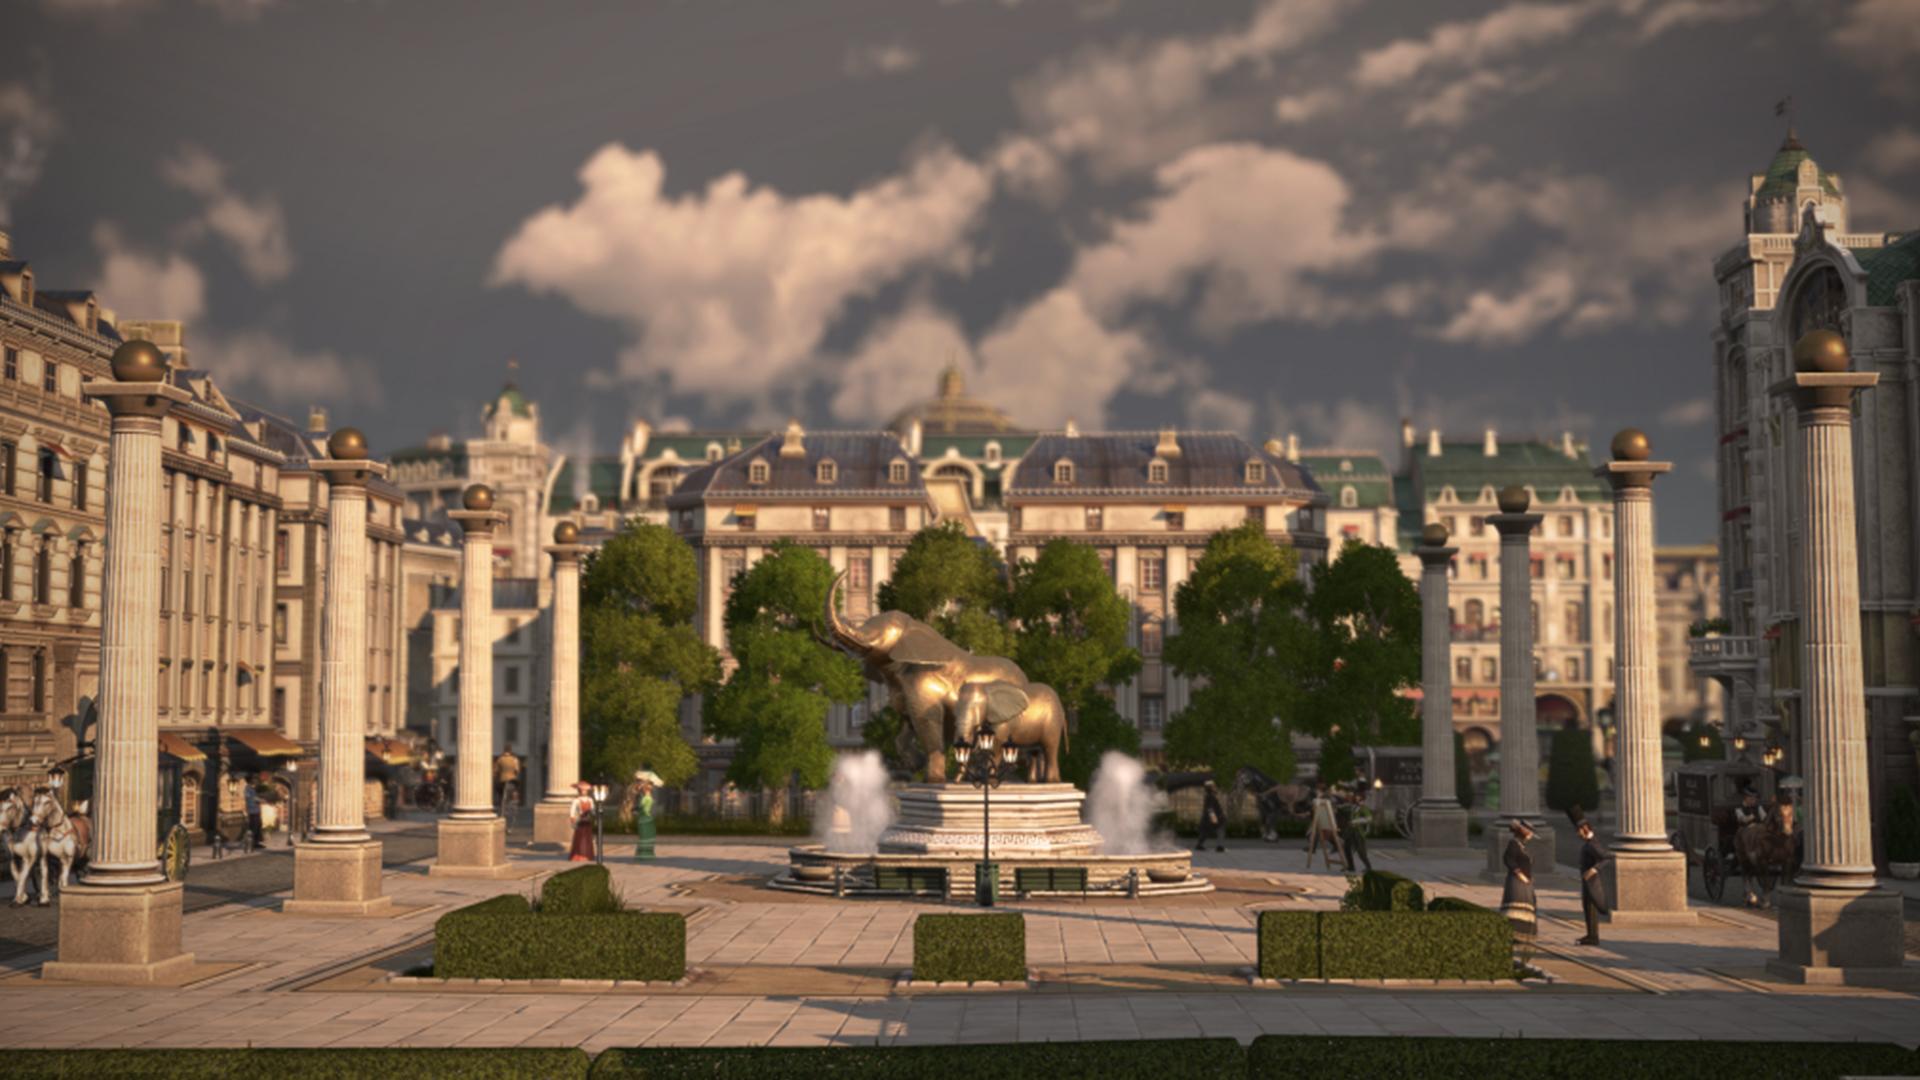 Cuộc bầu chọn mỹ phẩm DLC sắp tới cho Anno 1800 bao gồm vòng đu quay, thanh kem và rạp xiếc 2